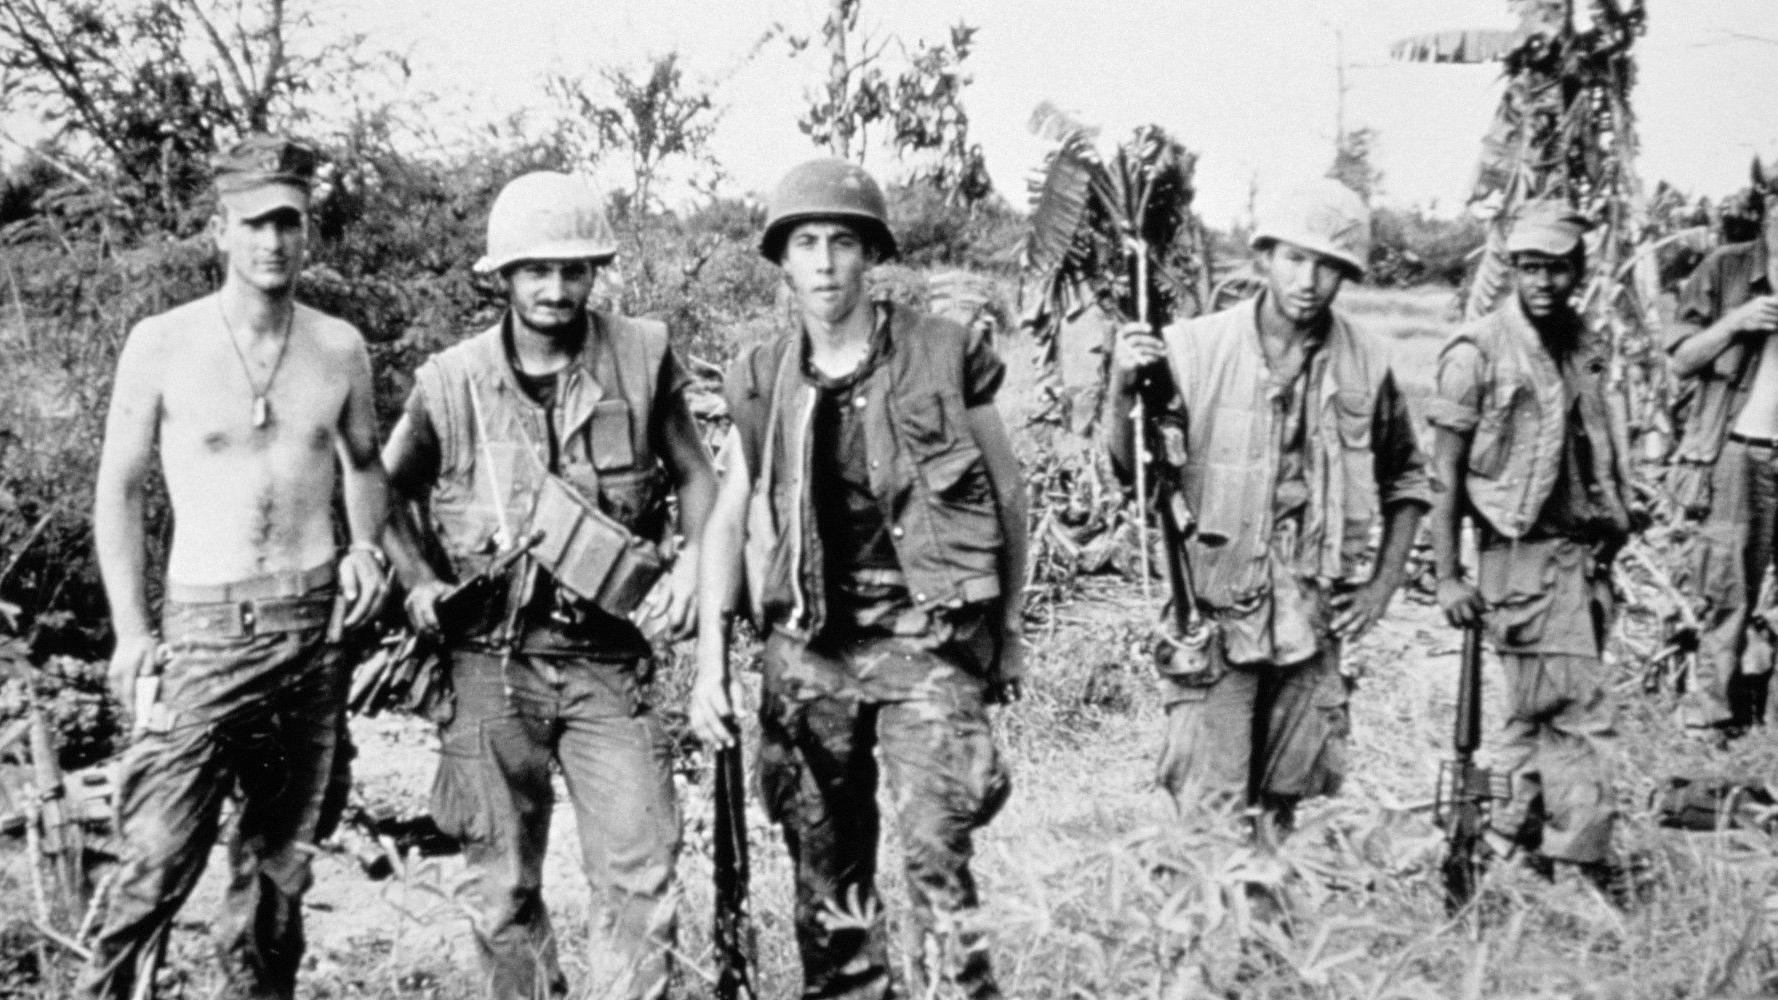 Soldiers Still Carry Emotions Of Vietnam War Sturgis Rapidcityjournal Com